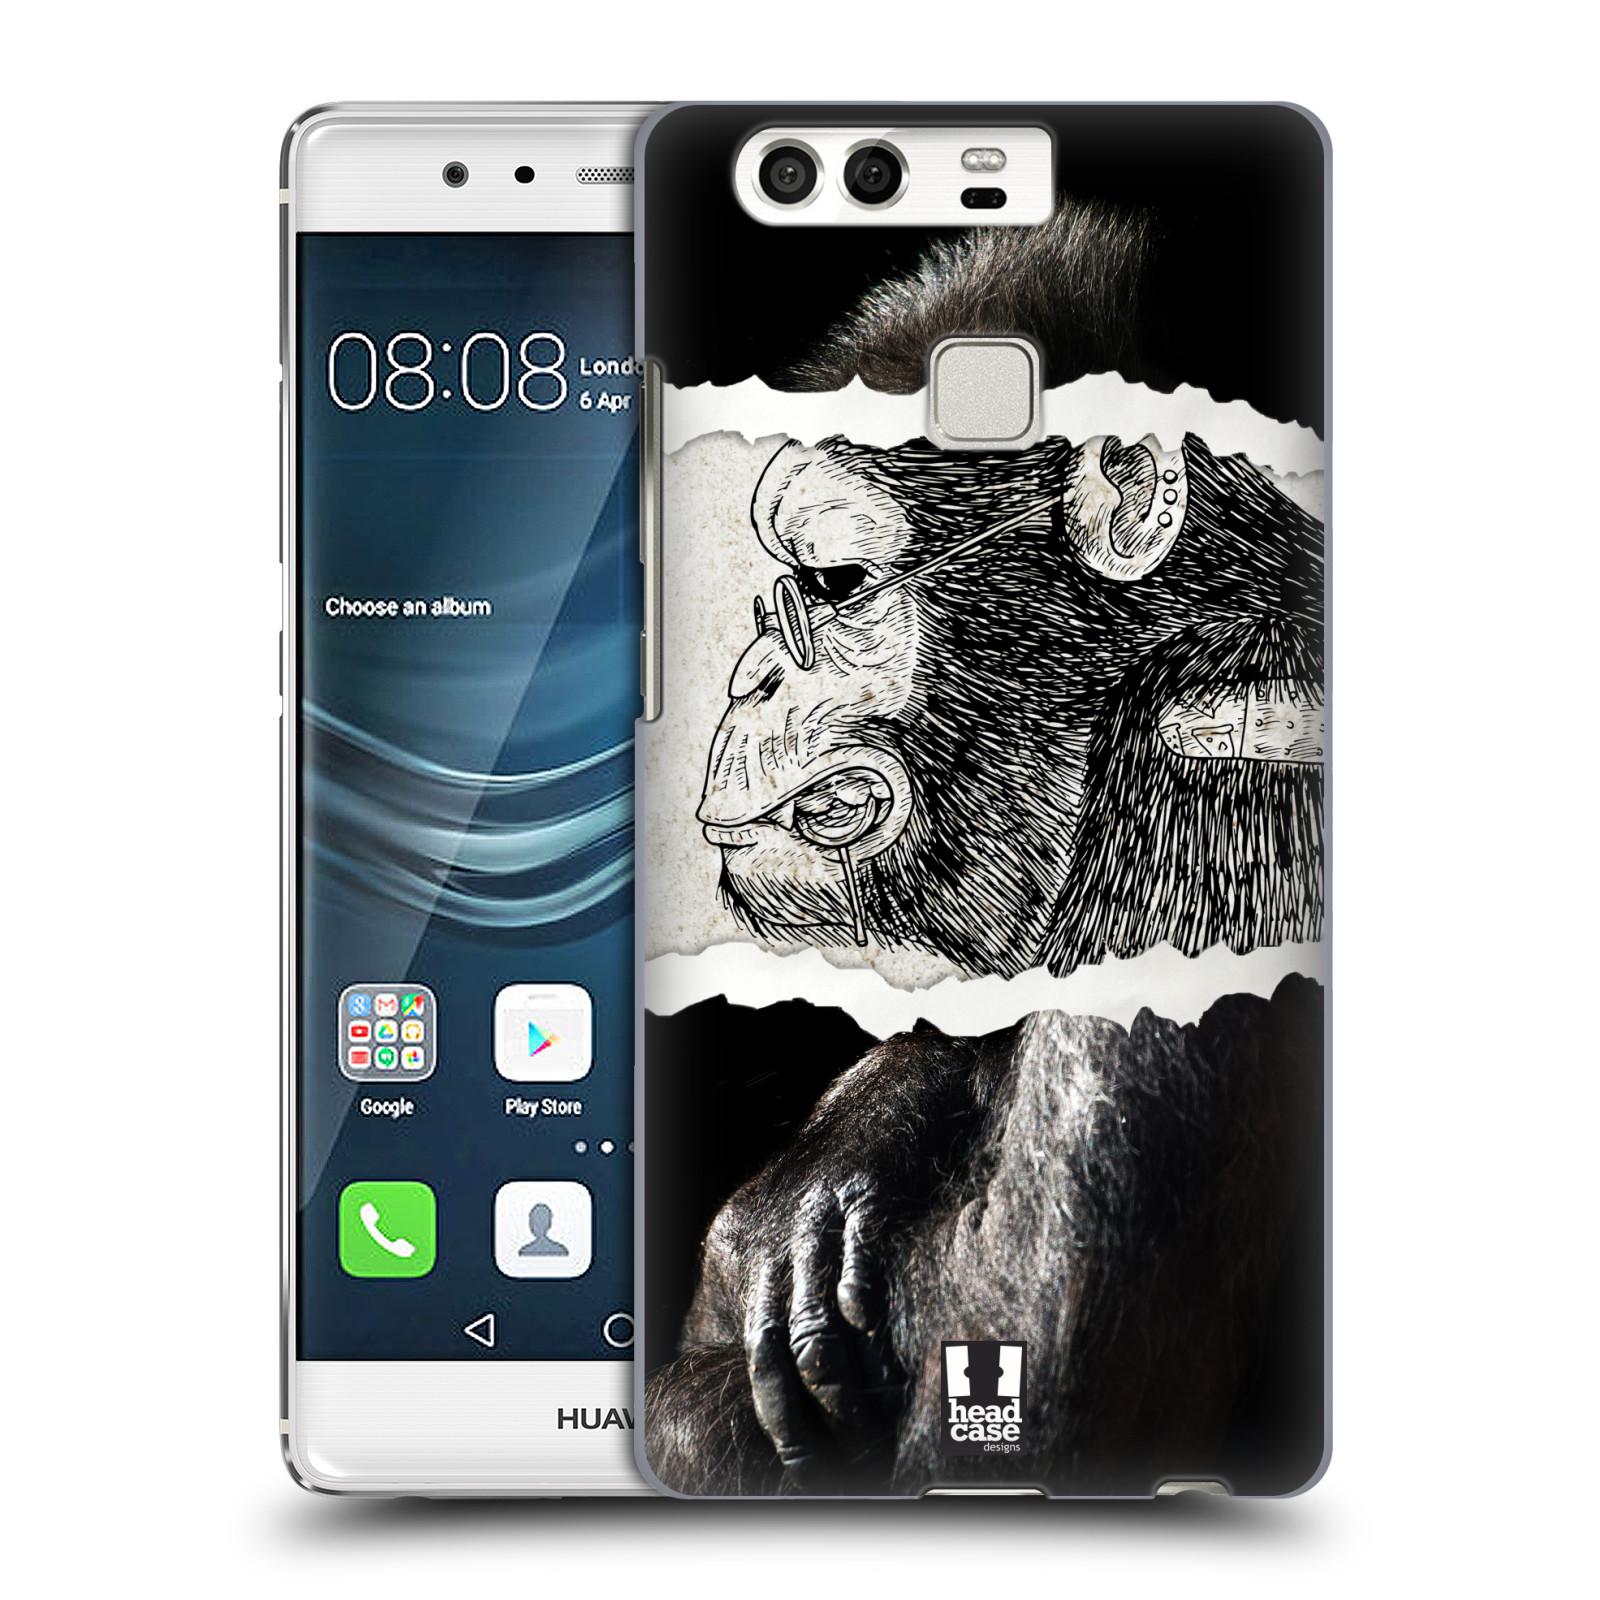 HEAD CASE plastový obal na mobil Huawei P9 / P9 DUAL SIM vzor zvířata koláž opice